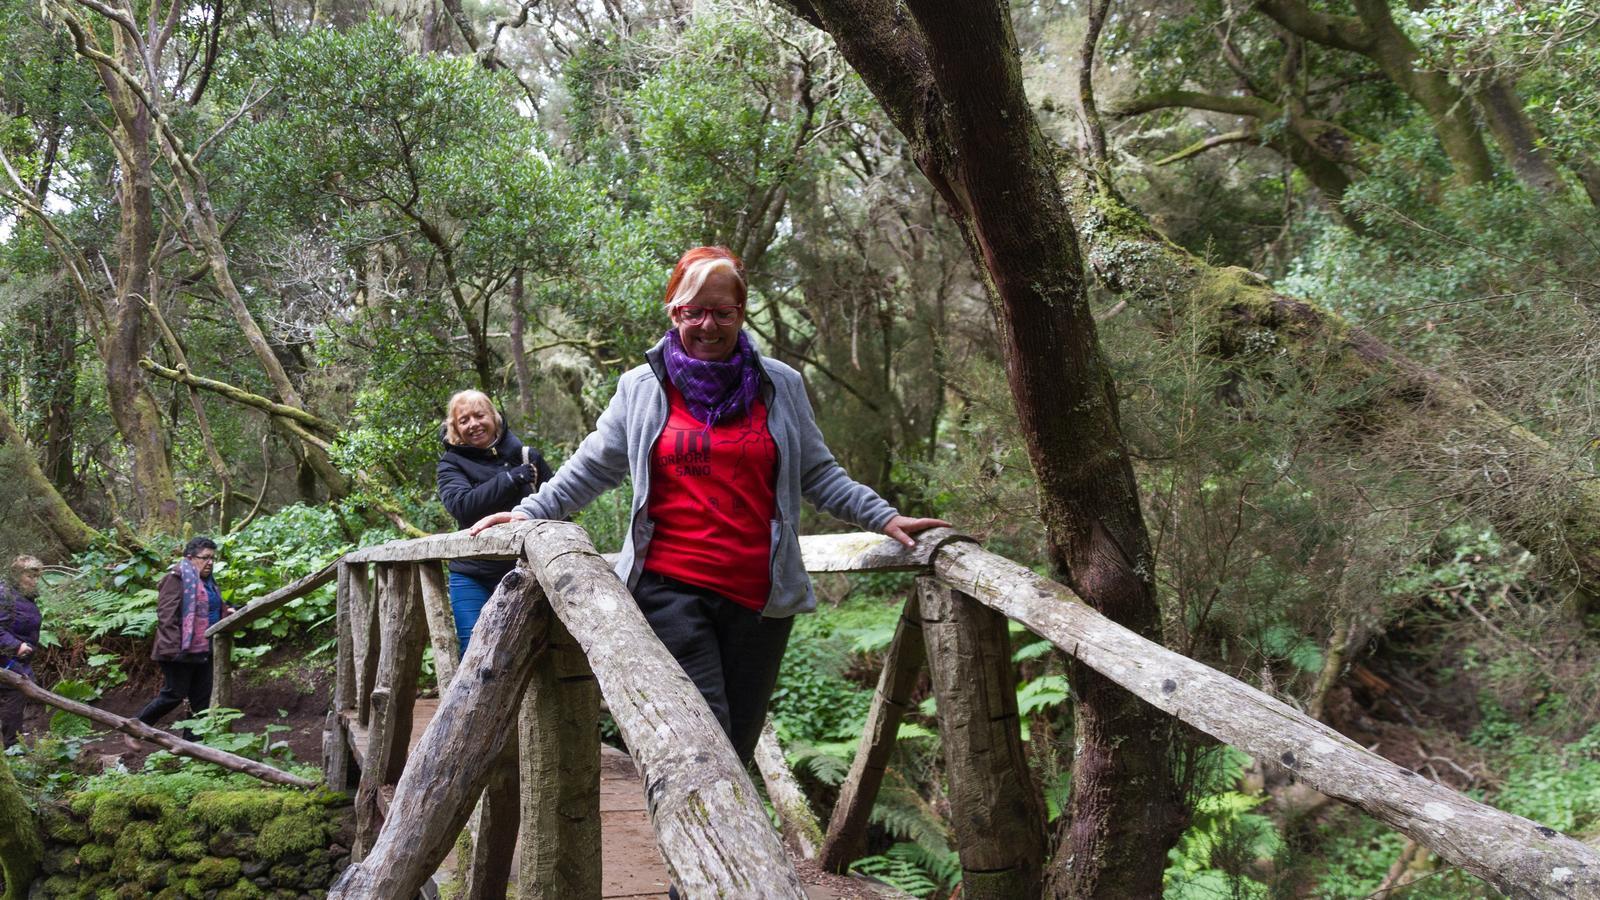 Passejar pel bosc és una activitat saludable / Fundació La Caixa